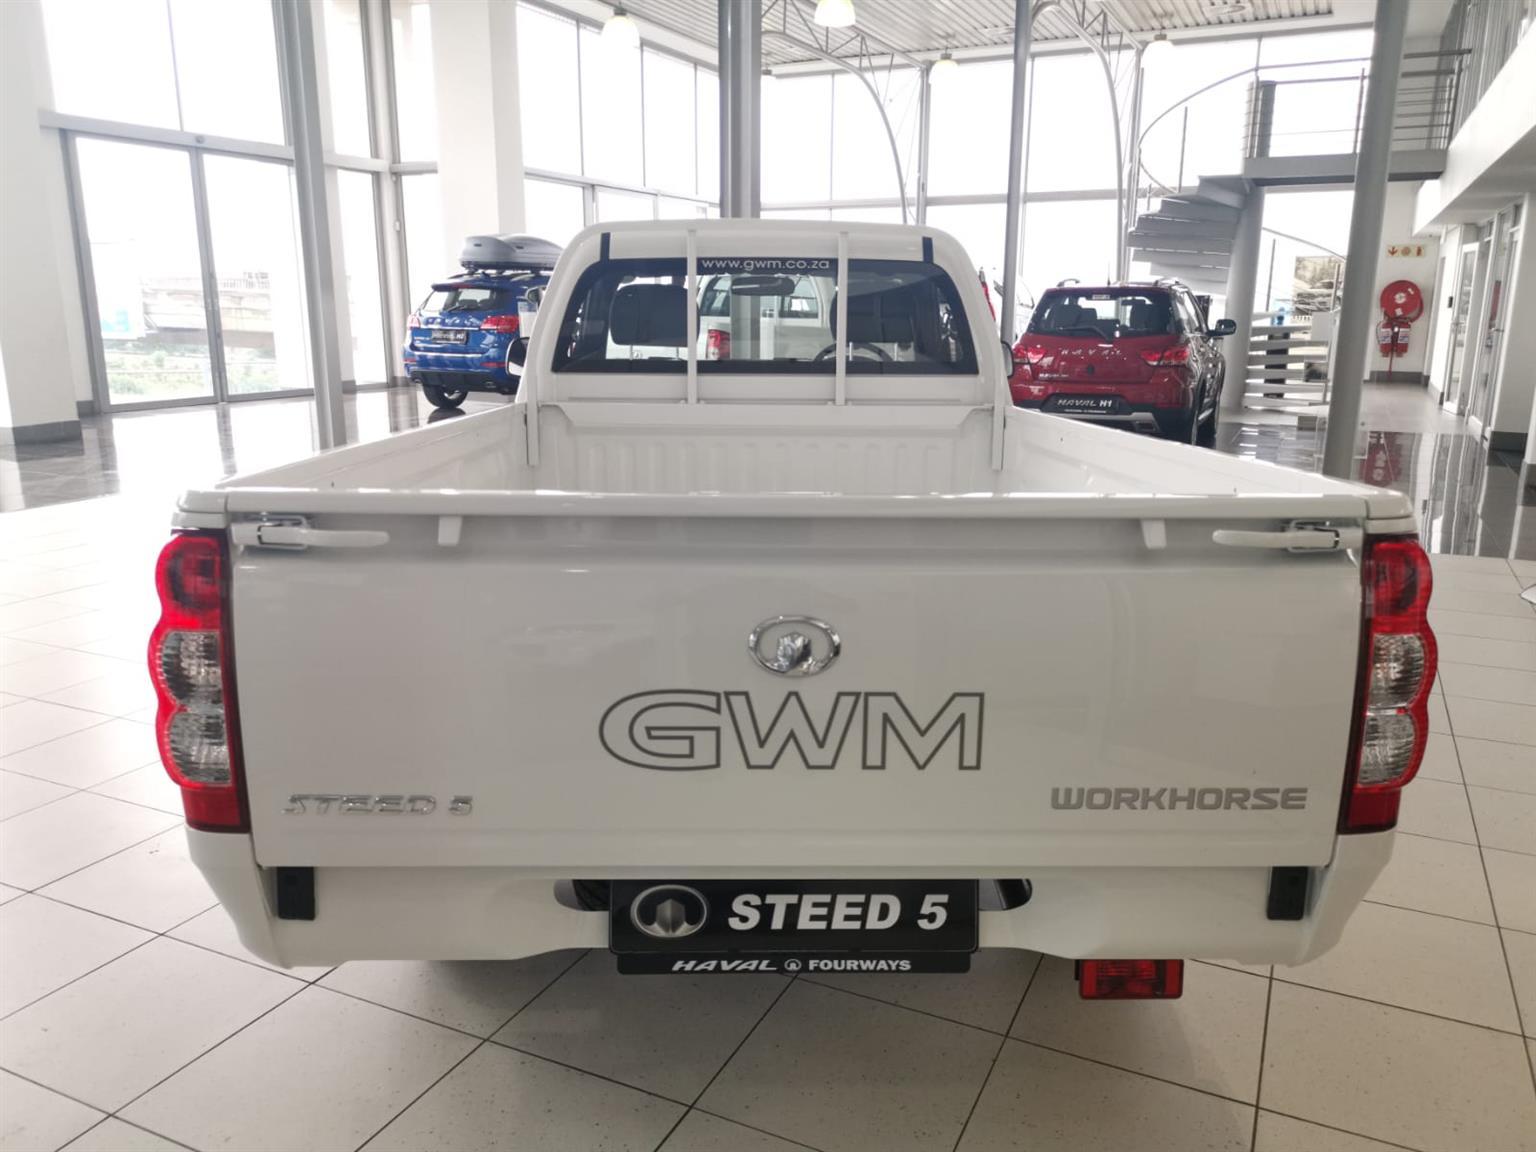 2020 GWM Single Cab 2.2MPi Workhorse